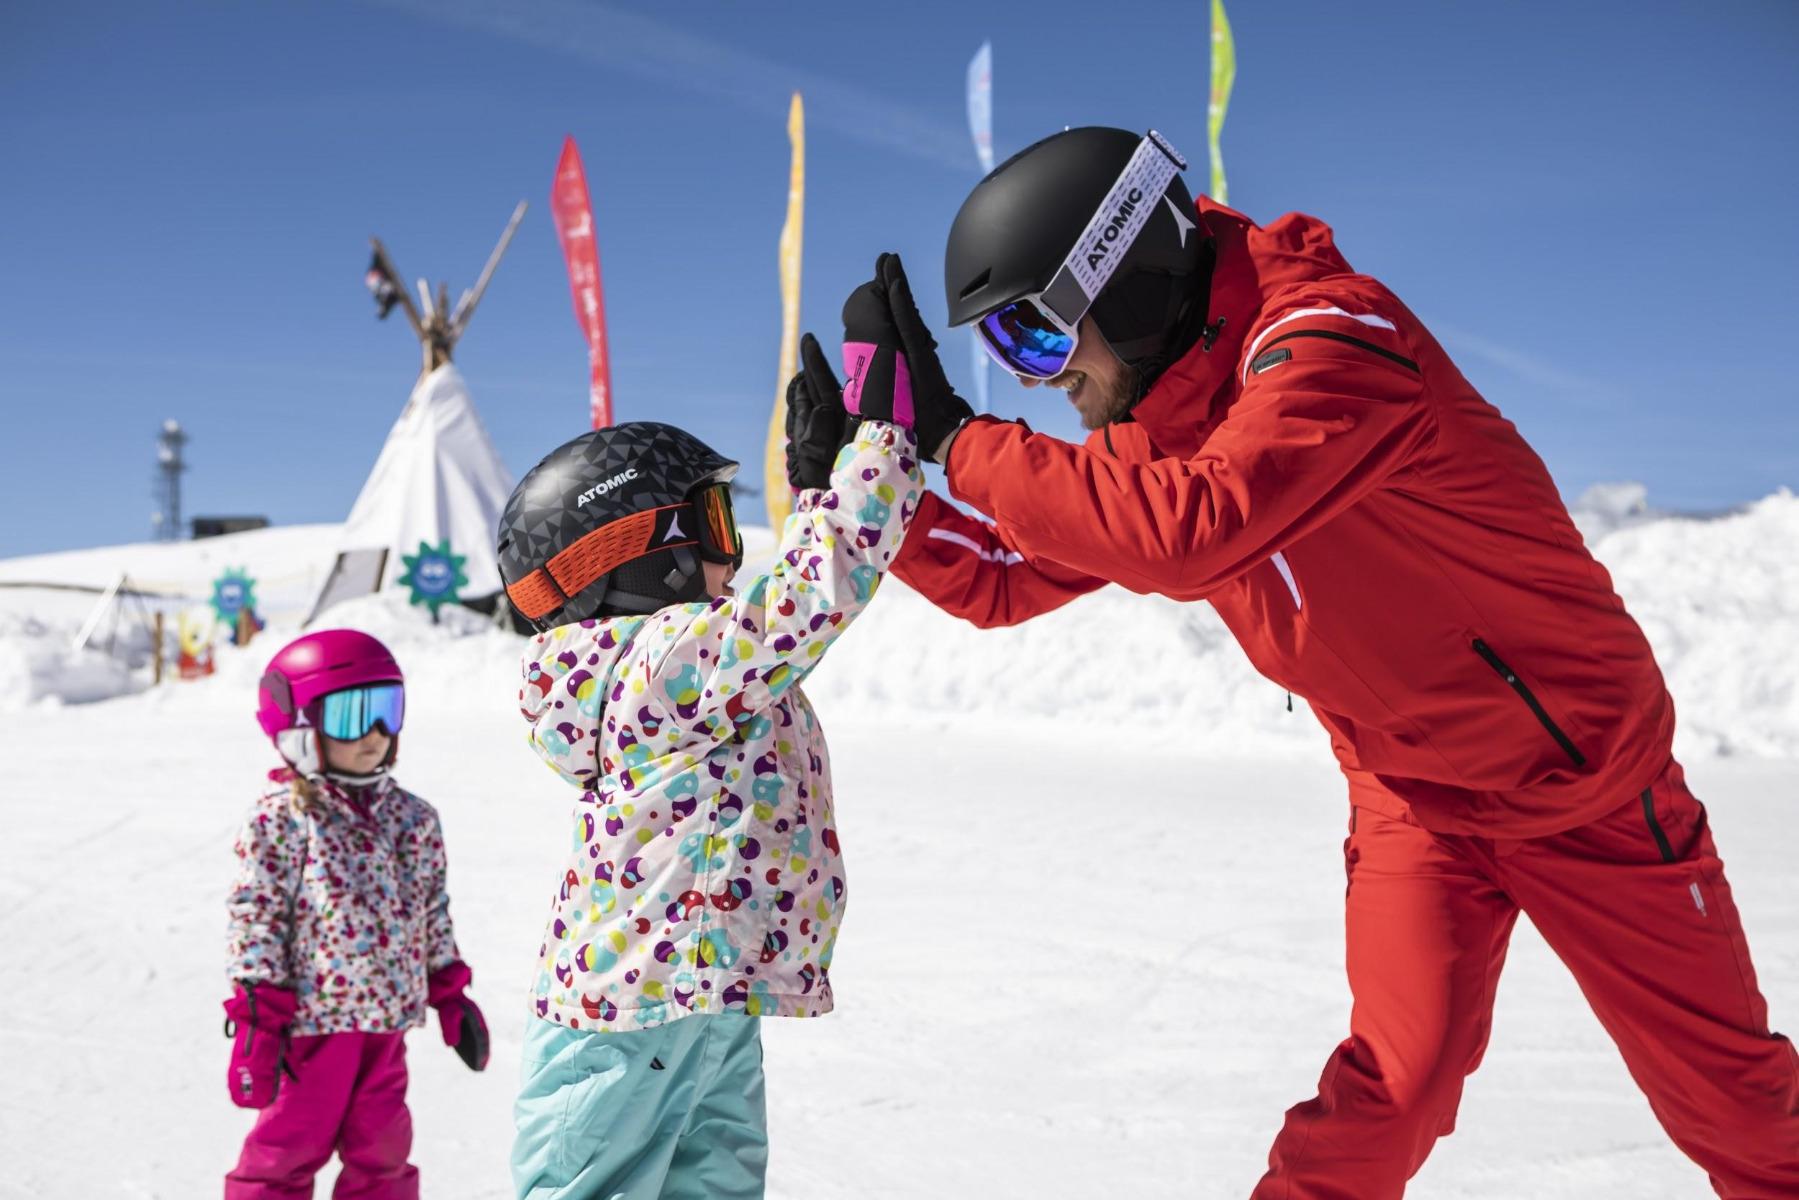 Wer sich rechtzeitig um den Skikurs kümmert, kann sich die besten Angebote vorab sichern